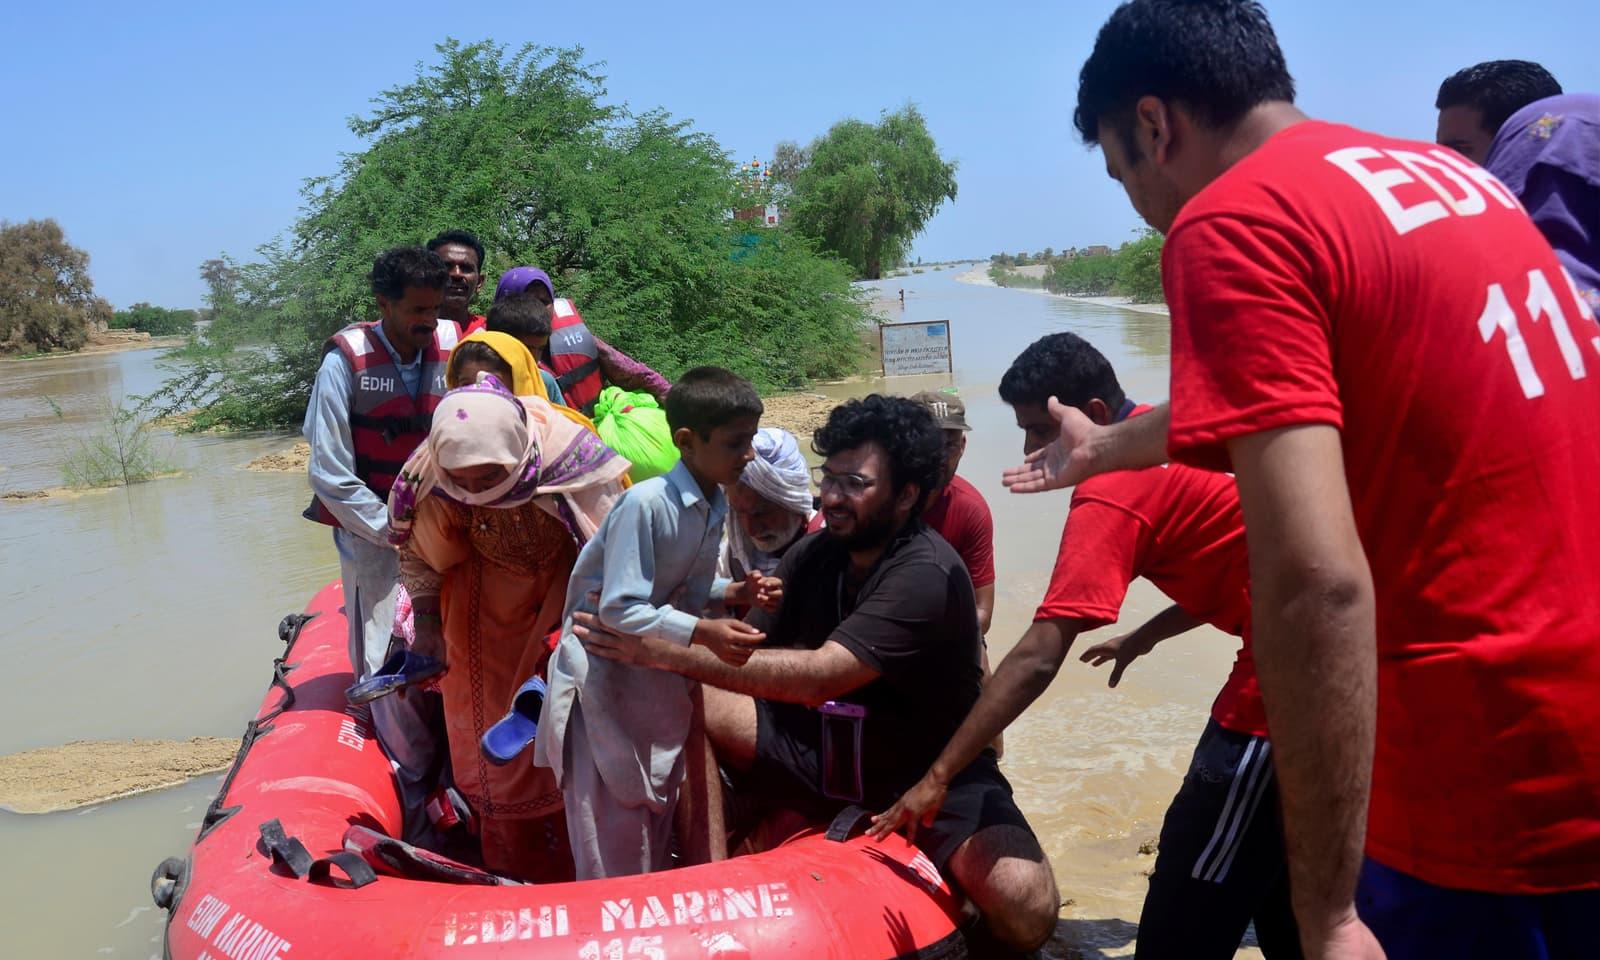 ریسکیو ورکرز نے بھی سیلاب سے متاثرہ علاقوں میں امدادی کارروائیوں میں حصہ لیا—فوٹو: اے پی